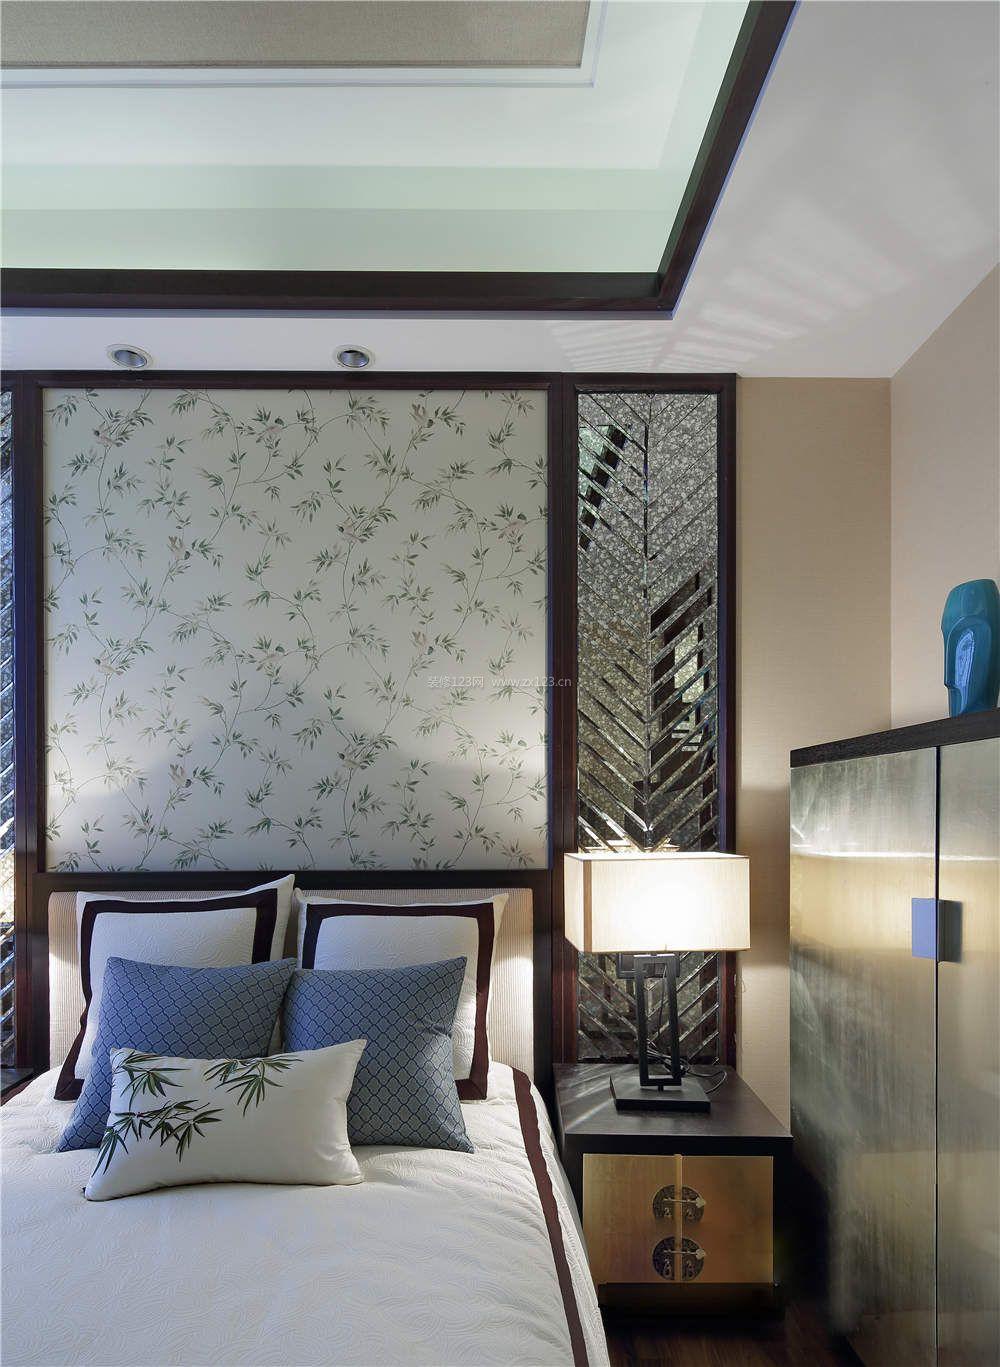 2017新中式卧室床头壁纸背景墙装修效果图片图片